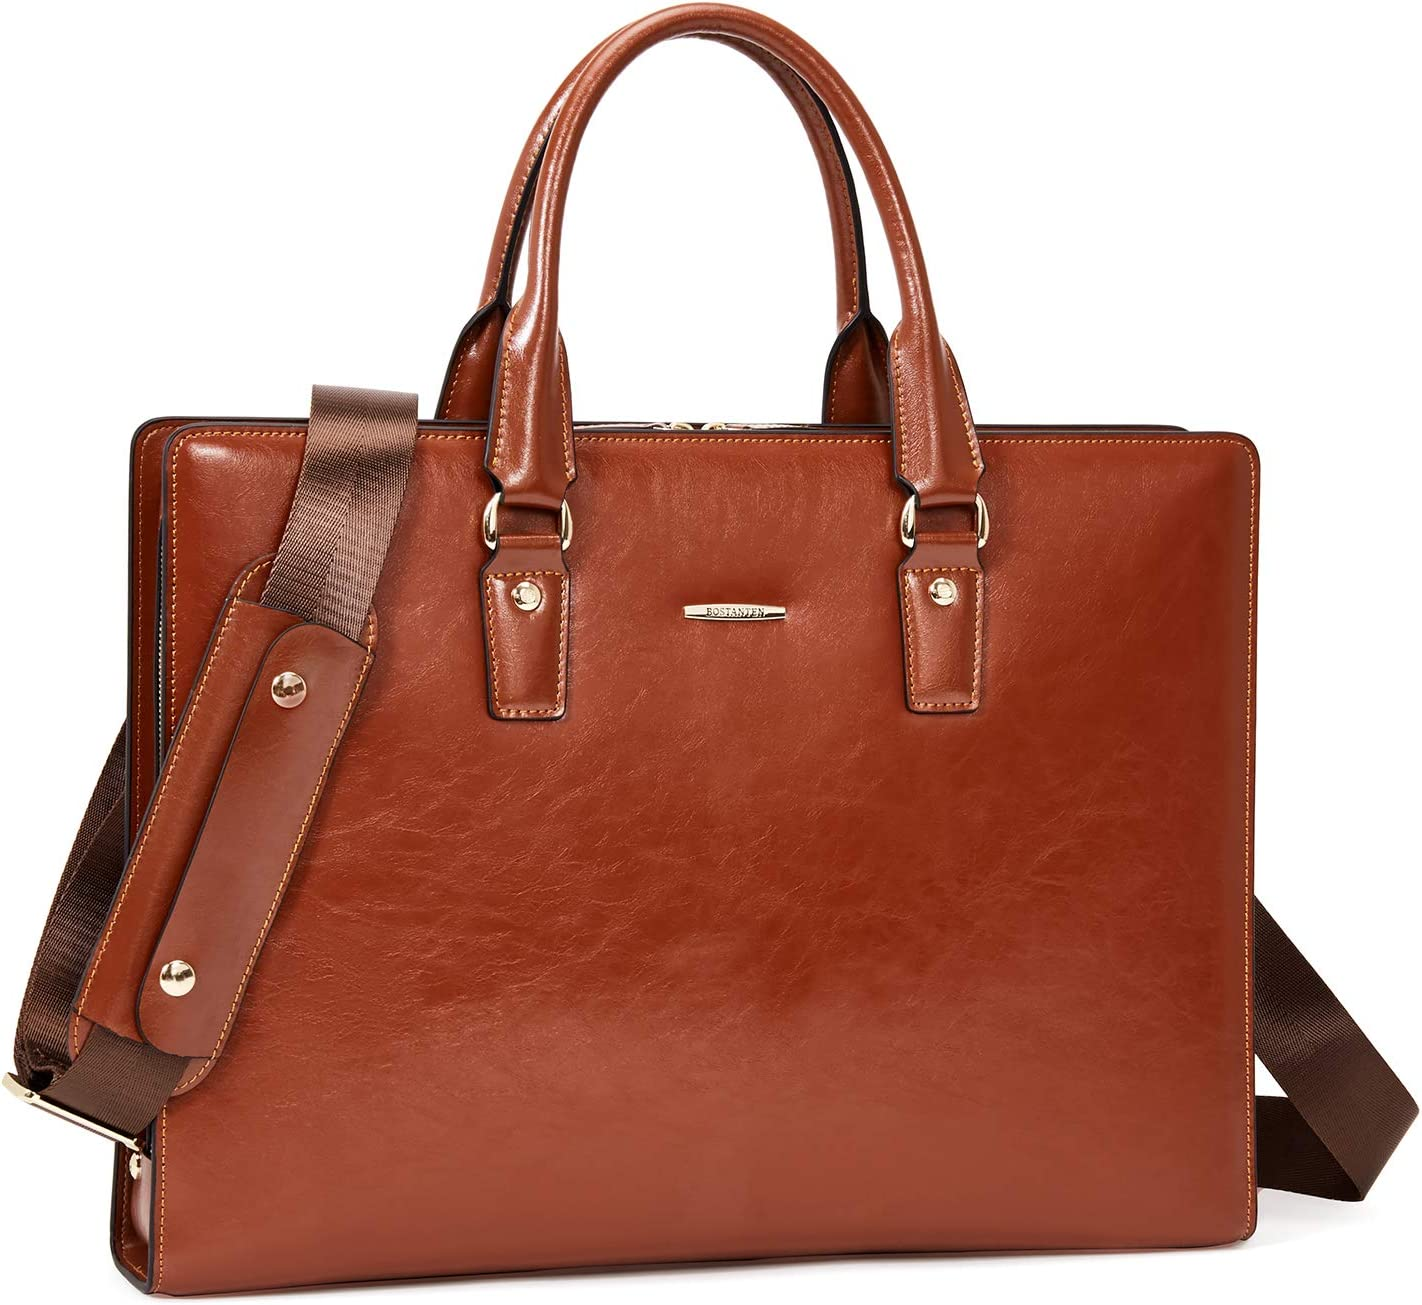 BOSTANTEN Genuine Leather Briefcase Vintage 15.6 inch Laptop Bag Business Shoulder Bag for Women & Men Brown